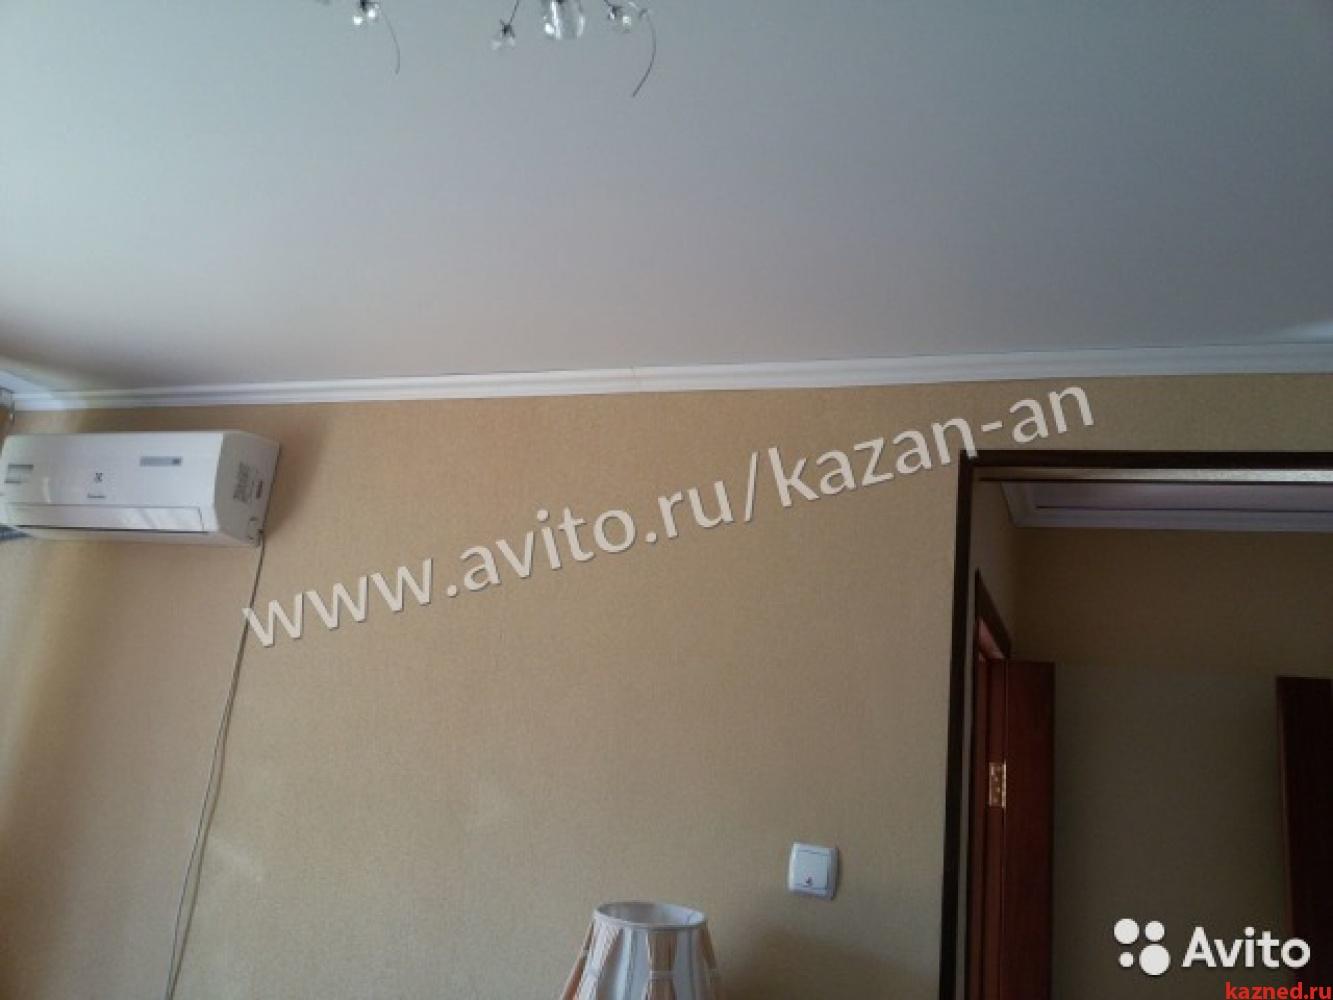 Продажа 1-к квартиры Химиков ул, 27, 32 м2  (миниатюра №7)